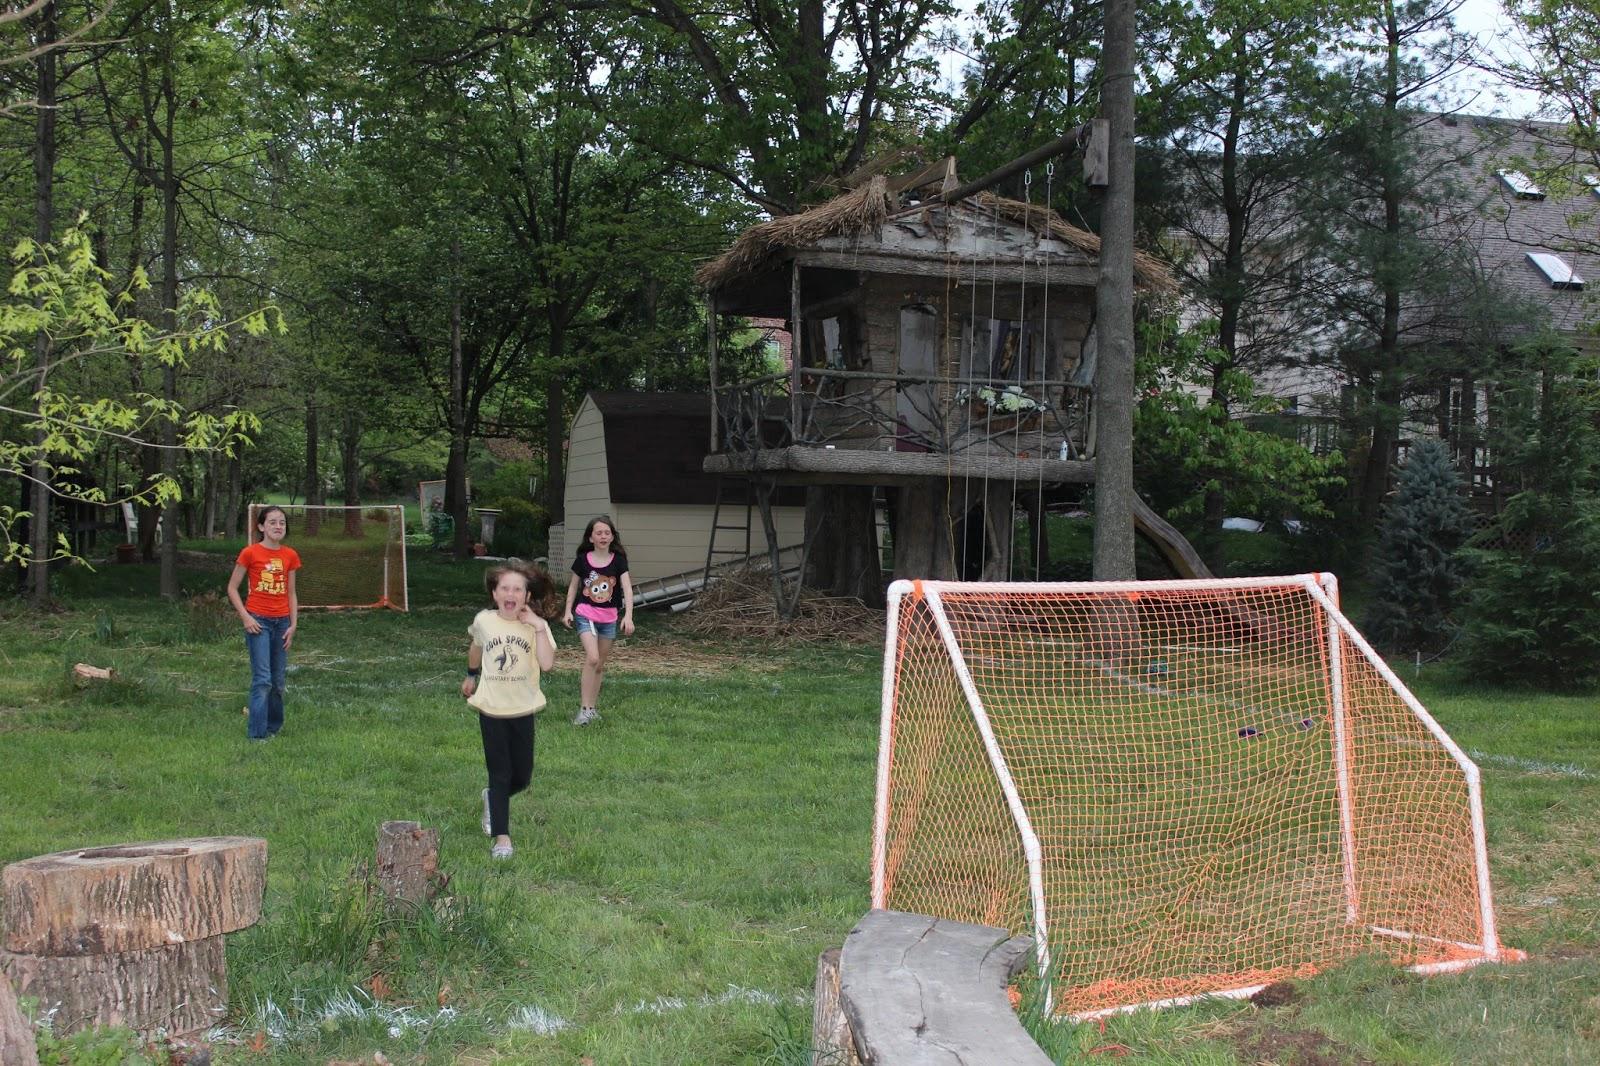 soccer field in backyard barkeater follies back yard mini soccer